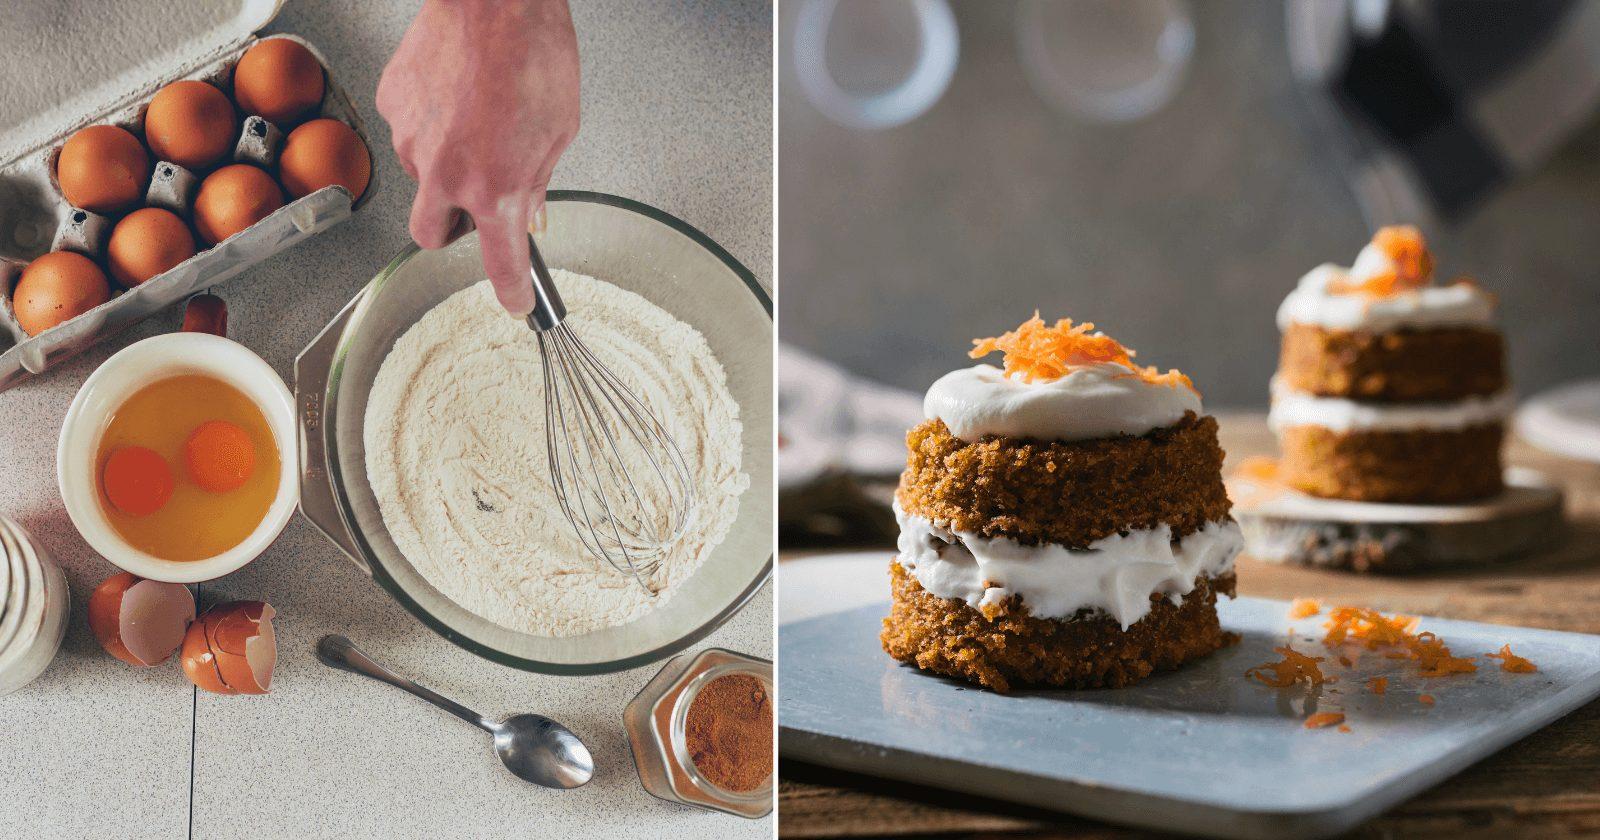 Receita de bolo de CENOURA que deixará qualquer visita com INVEJA!